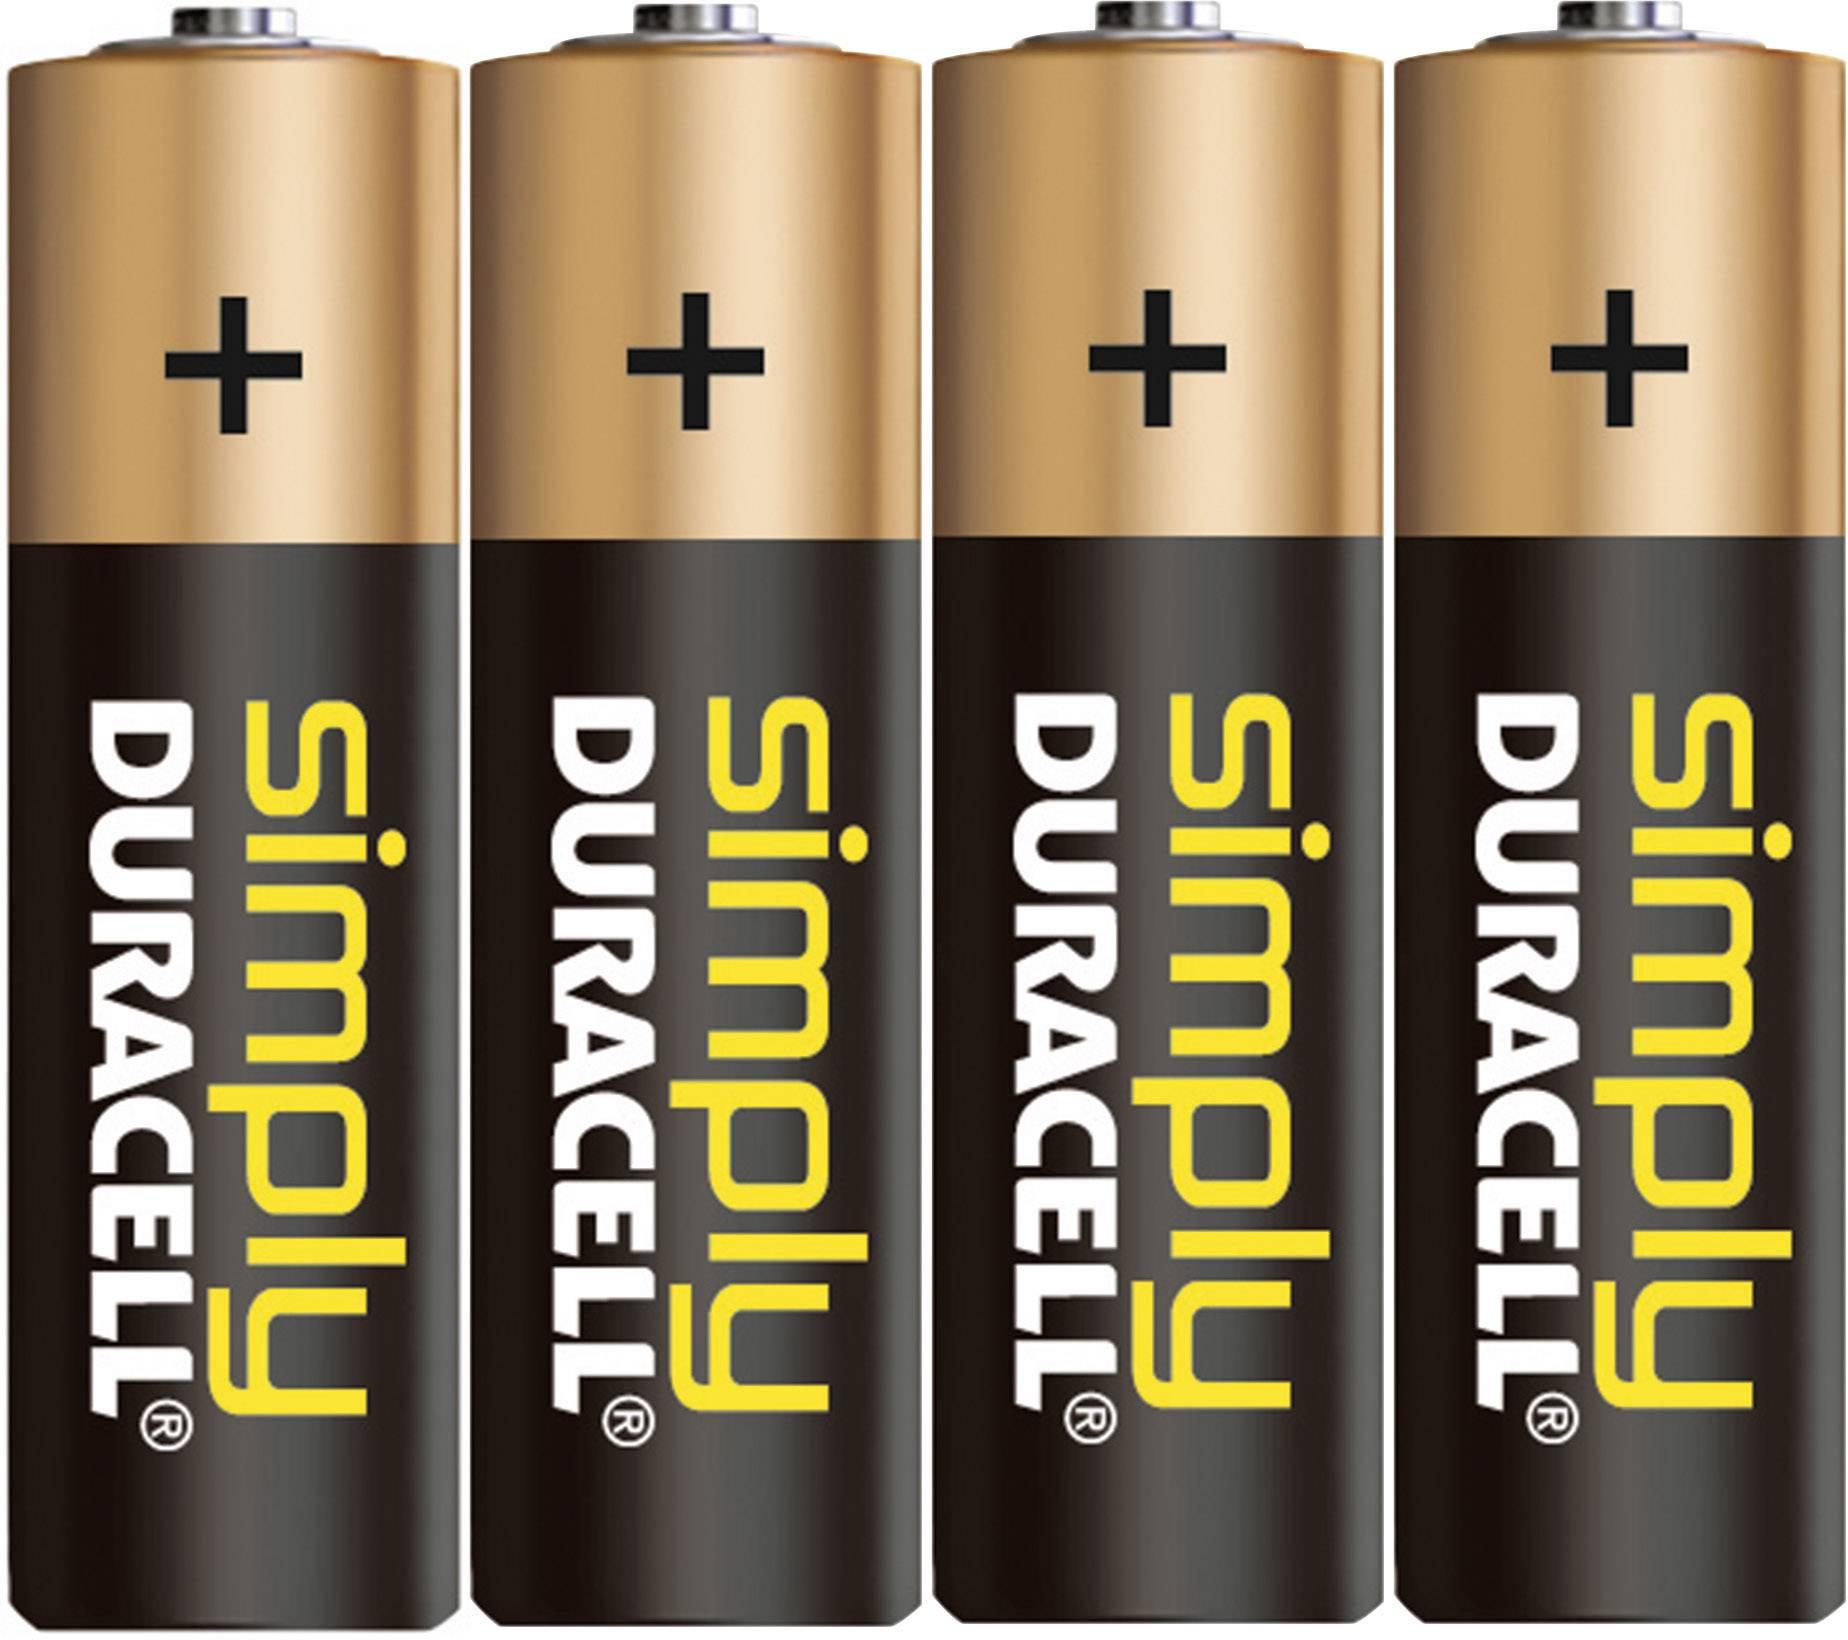 Tužková batéria typu AA alkalicko/mangánová Duracell Simply LR06, 1.5 V, 4 ks